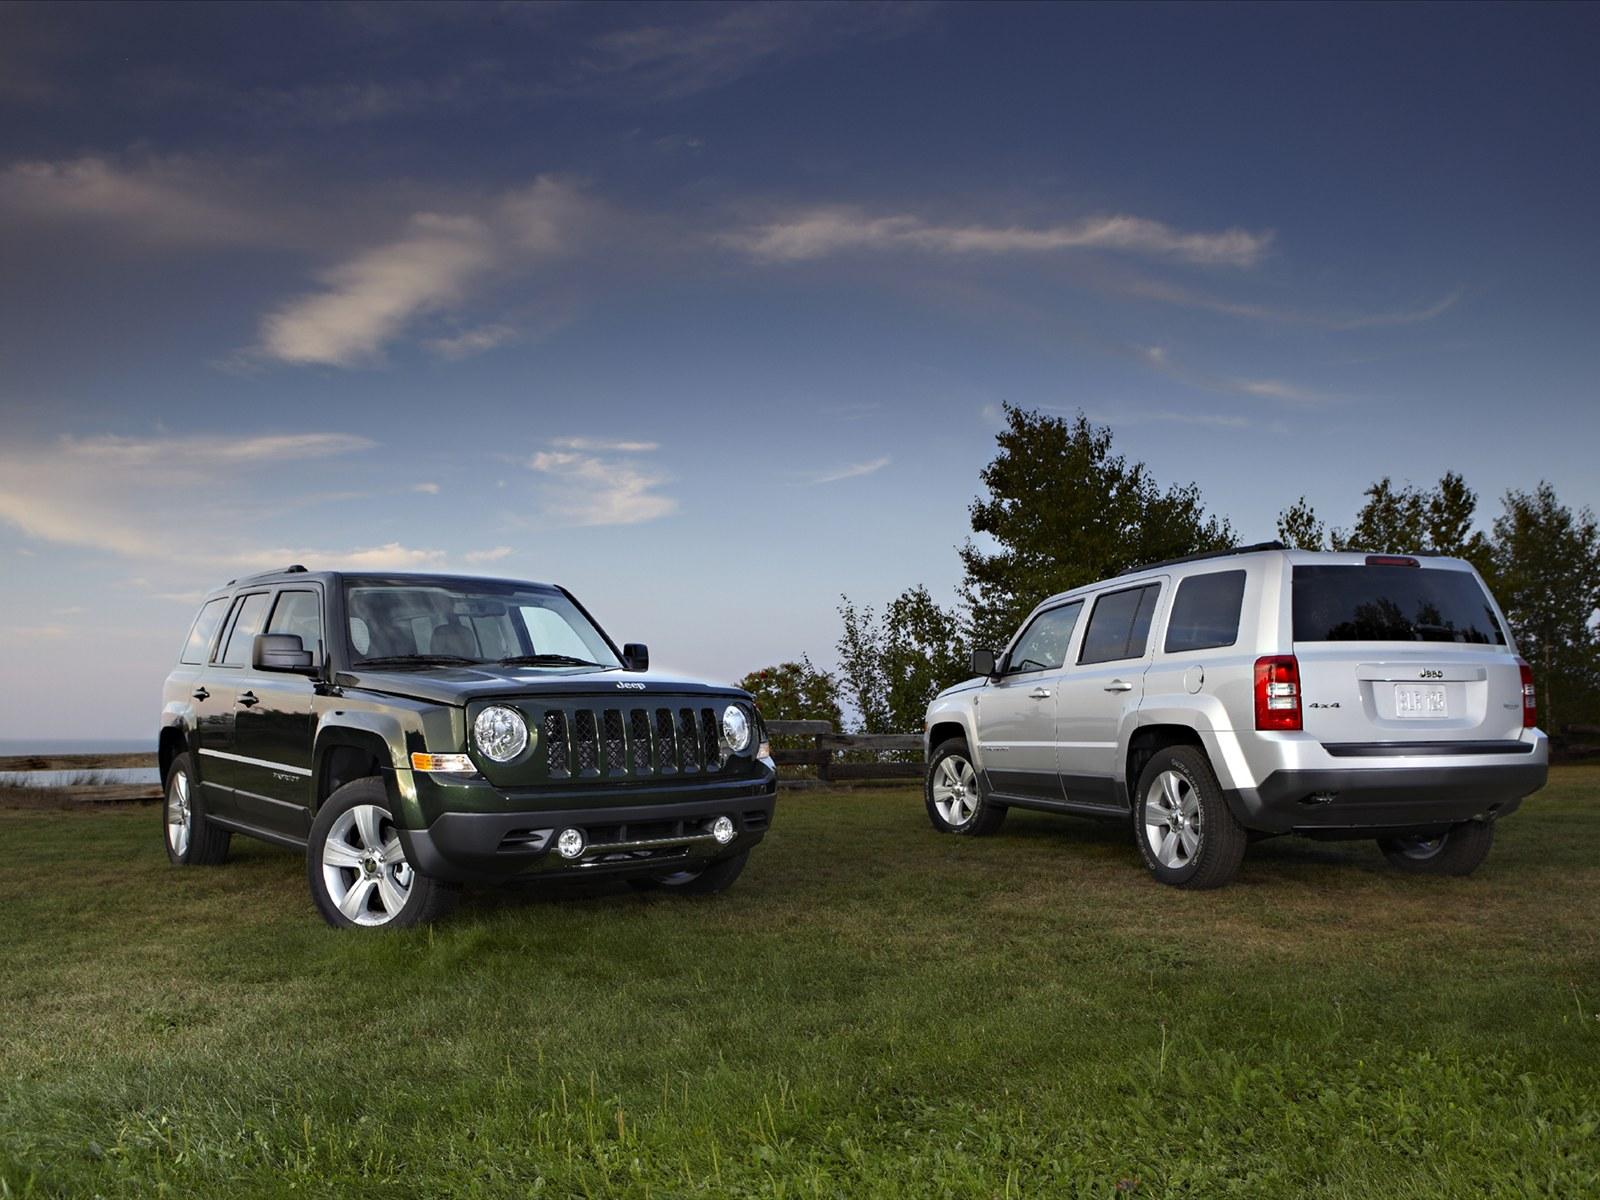 http://4.bp.blogspot.com/_L7TBxp3i-_I/TSWdIVs__jI/AAAAAAAABB0/jHdAyVUOR08/s1600/Jeep-Partiot-2011-06.jpg